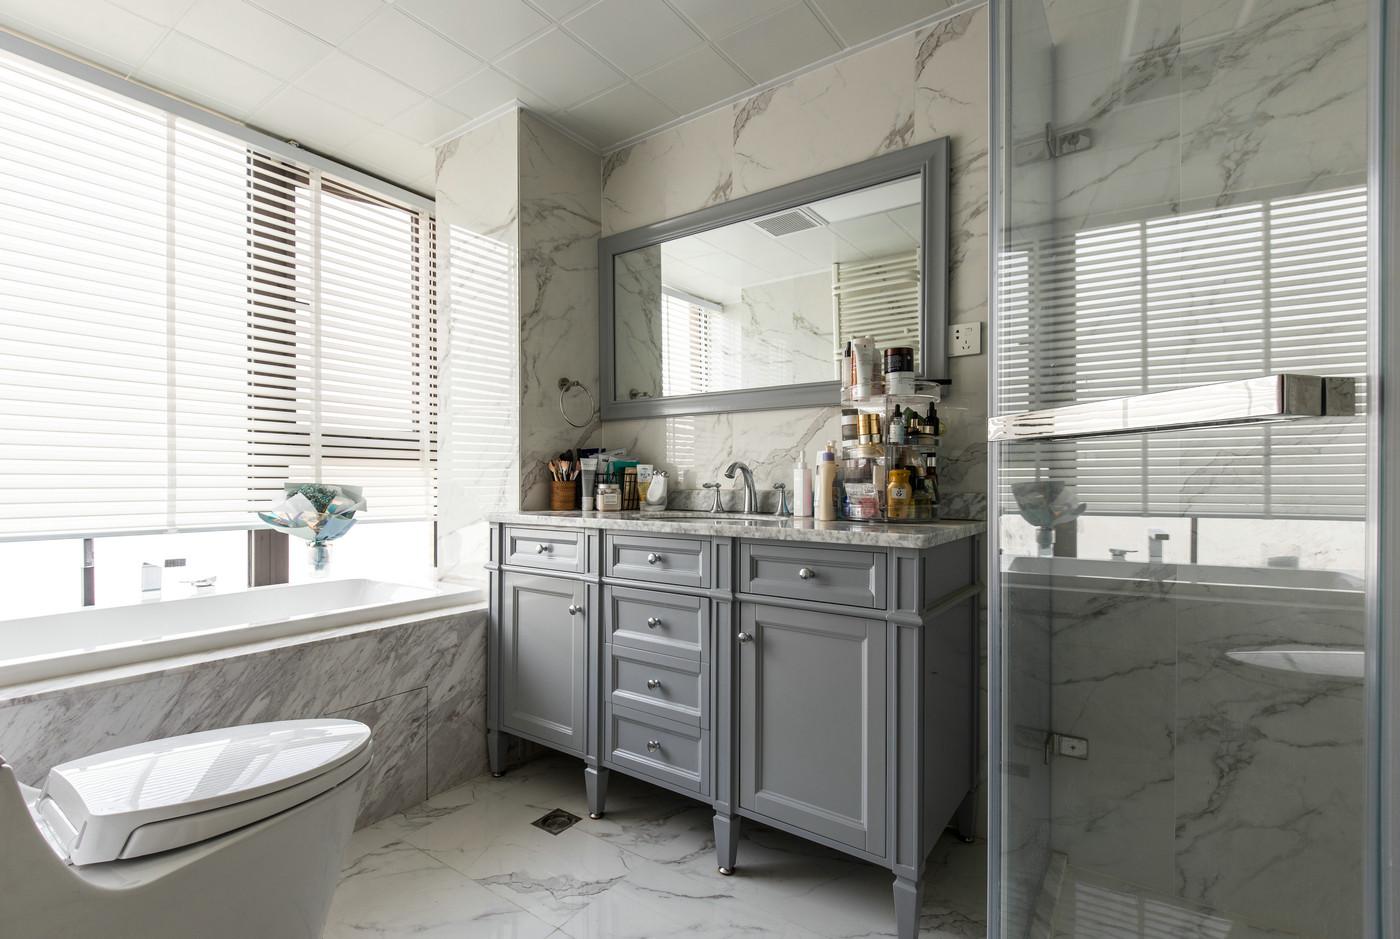 干湿分离完整,空间兼具浴缸和淋浴,洗手柜色感温润,营造出清新典雅的卫浴空间。